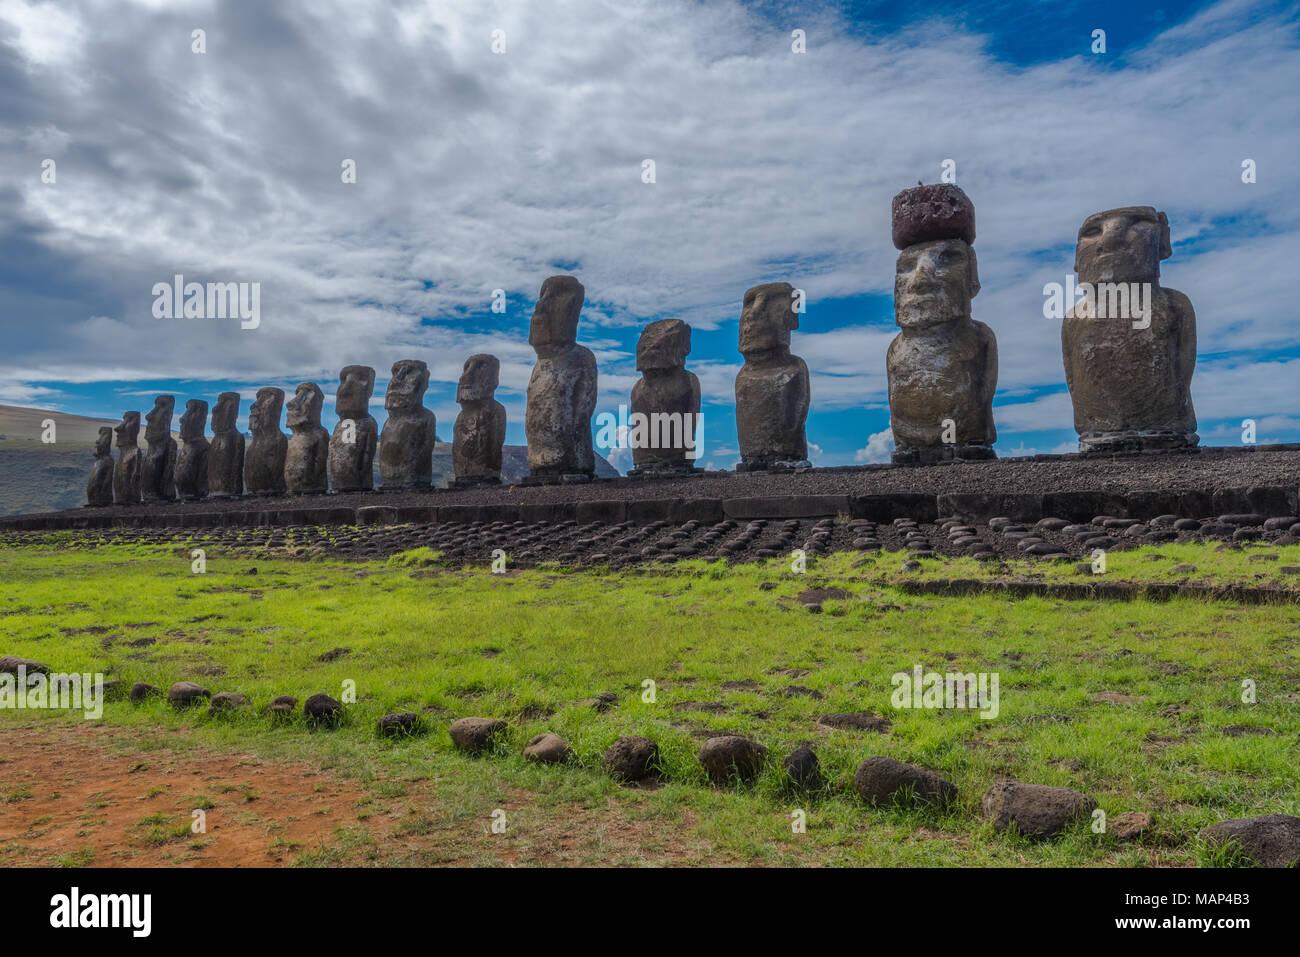 Amplio ángulo de disparo de 15 estatuas moai mirando hacia adentro a lo largo de la Isla de Pascua en Tongariki con una espectacular nube blanca y el cielo azul de fondo. Imagen De Stock